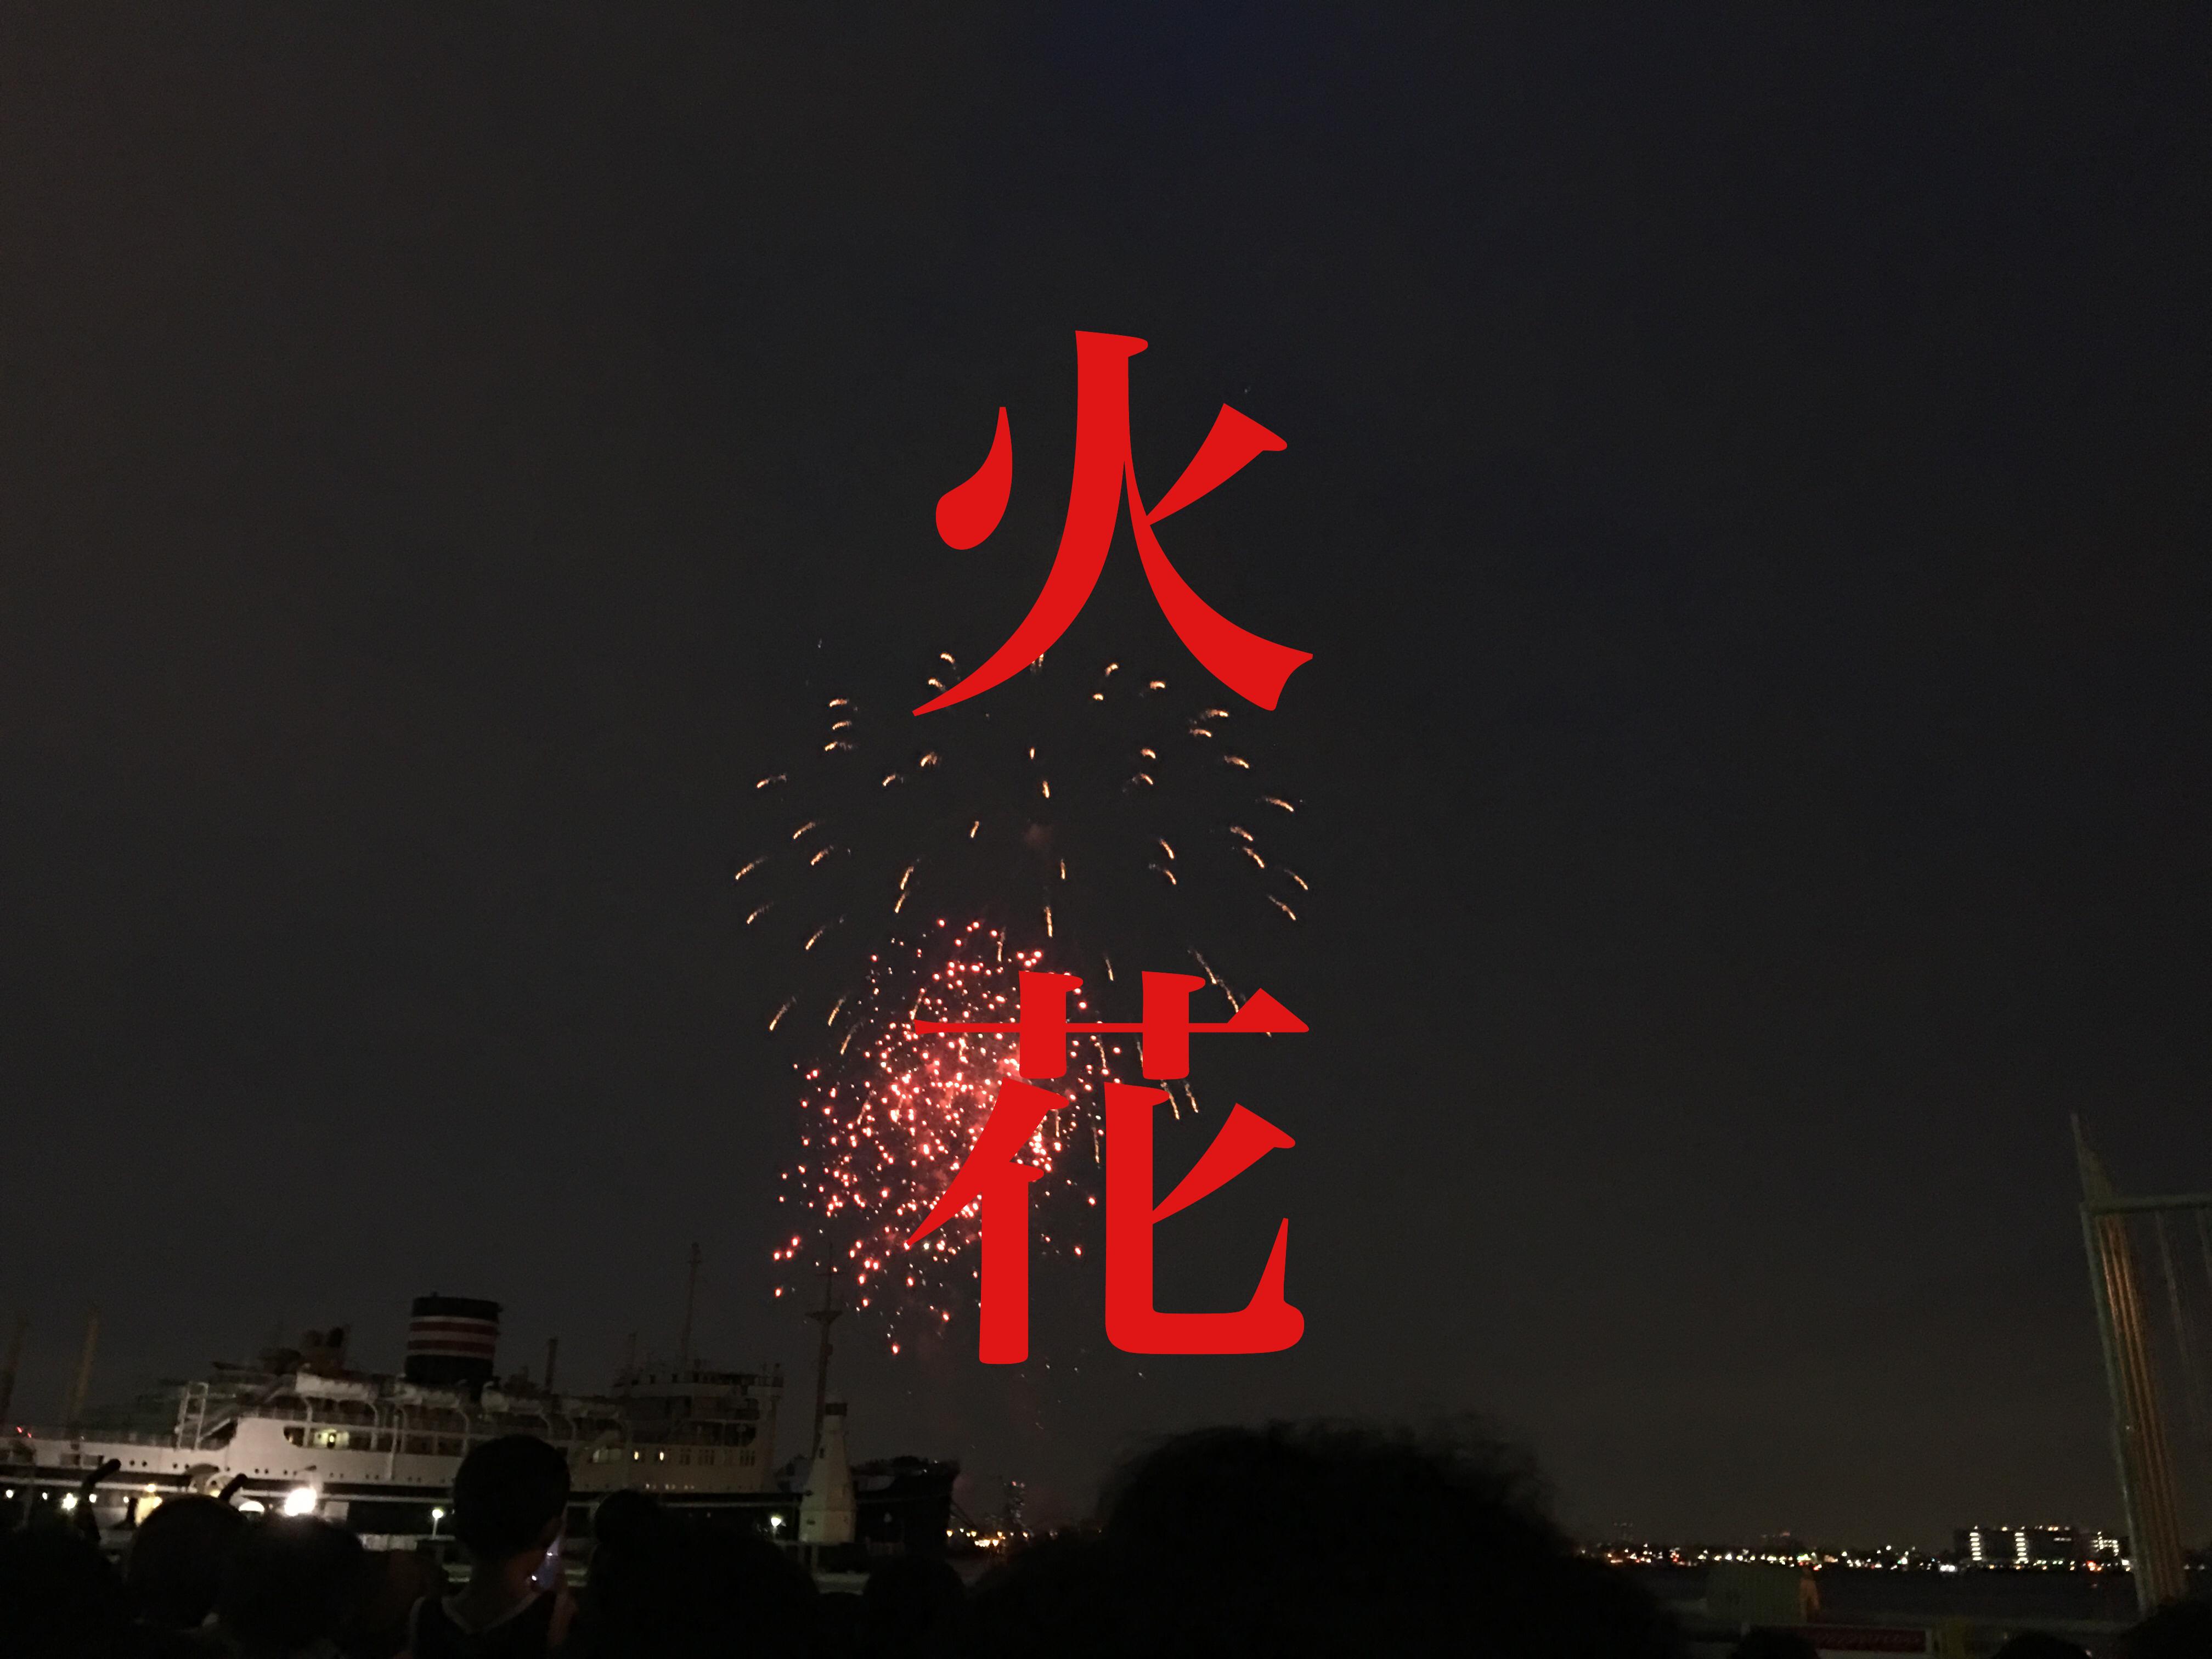 Netflixドラマ『火花』のPR記事を書いてみました!